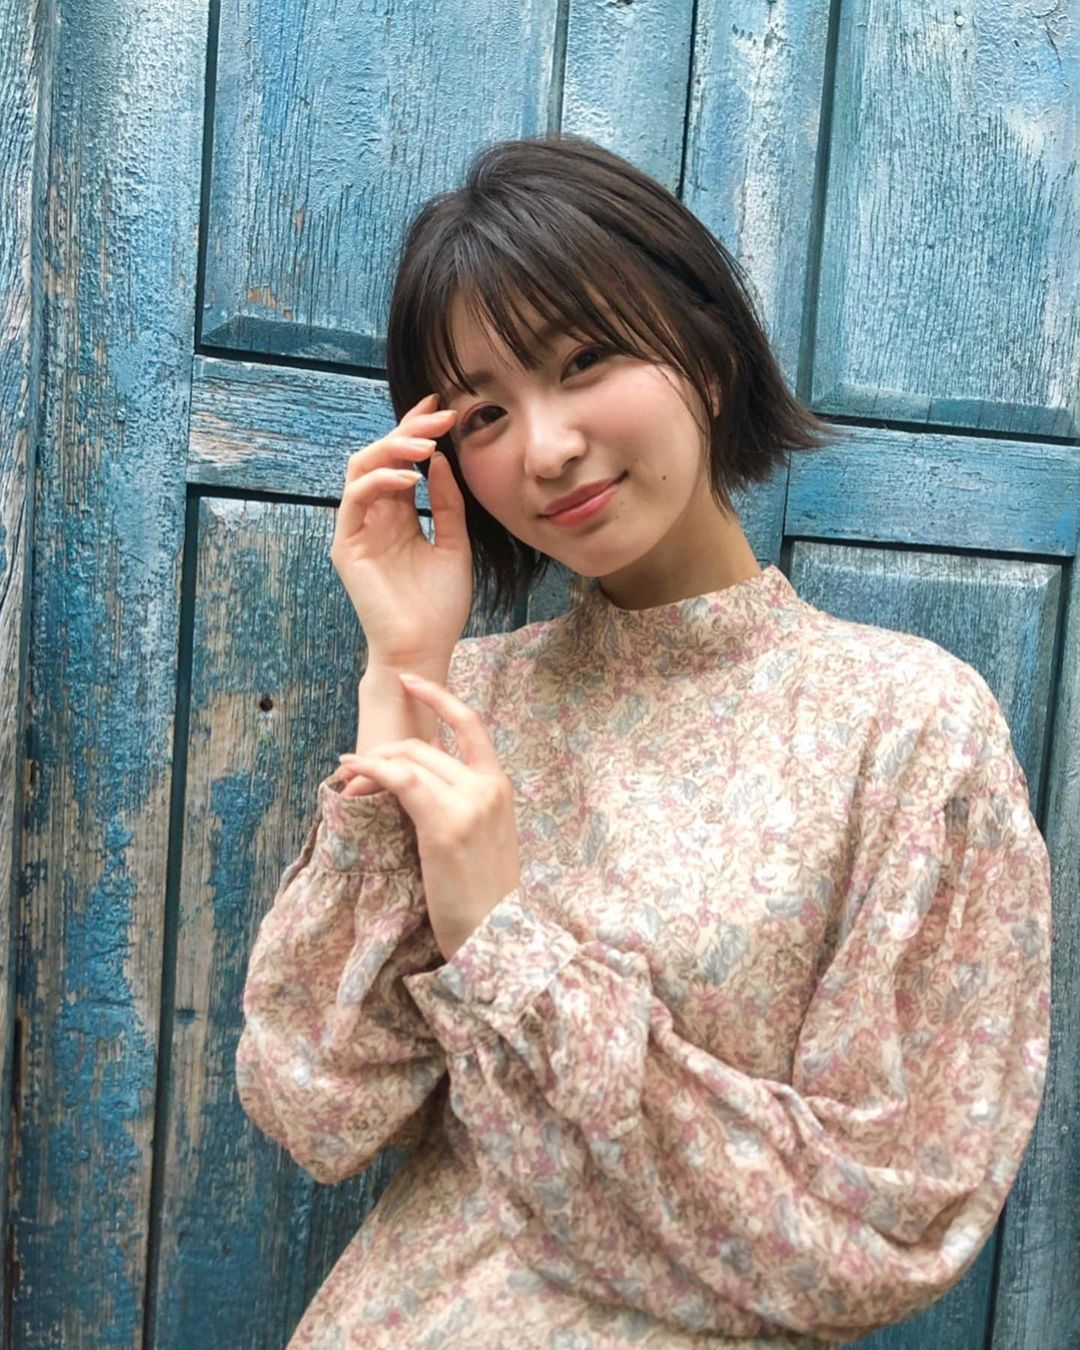 日系时尚杂志模特冈崎纱绘清甜笑容亲和力十足完全就是女友理想型 网络美女 第26张